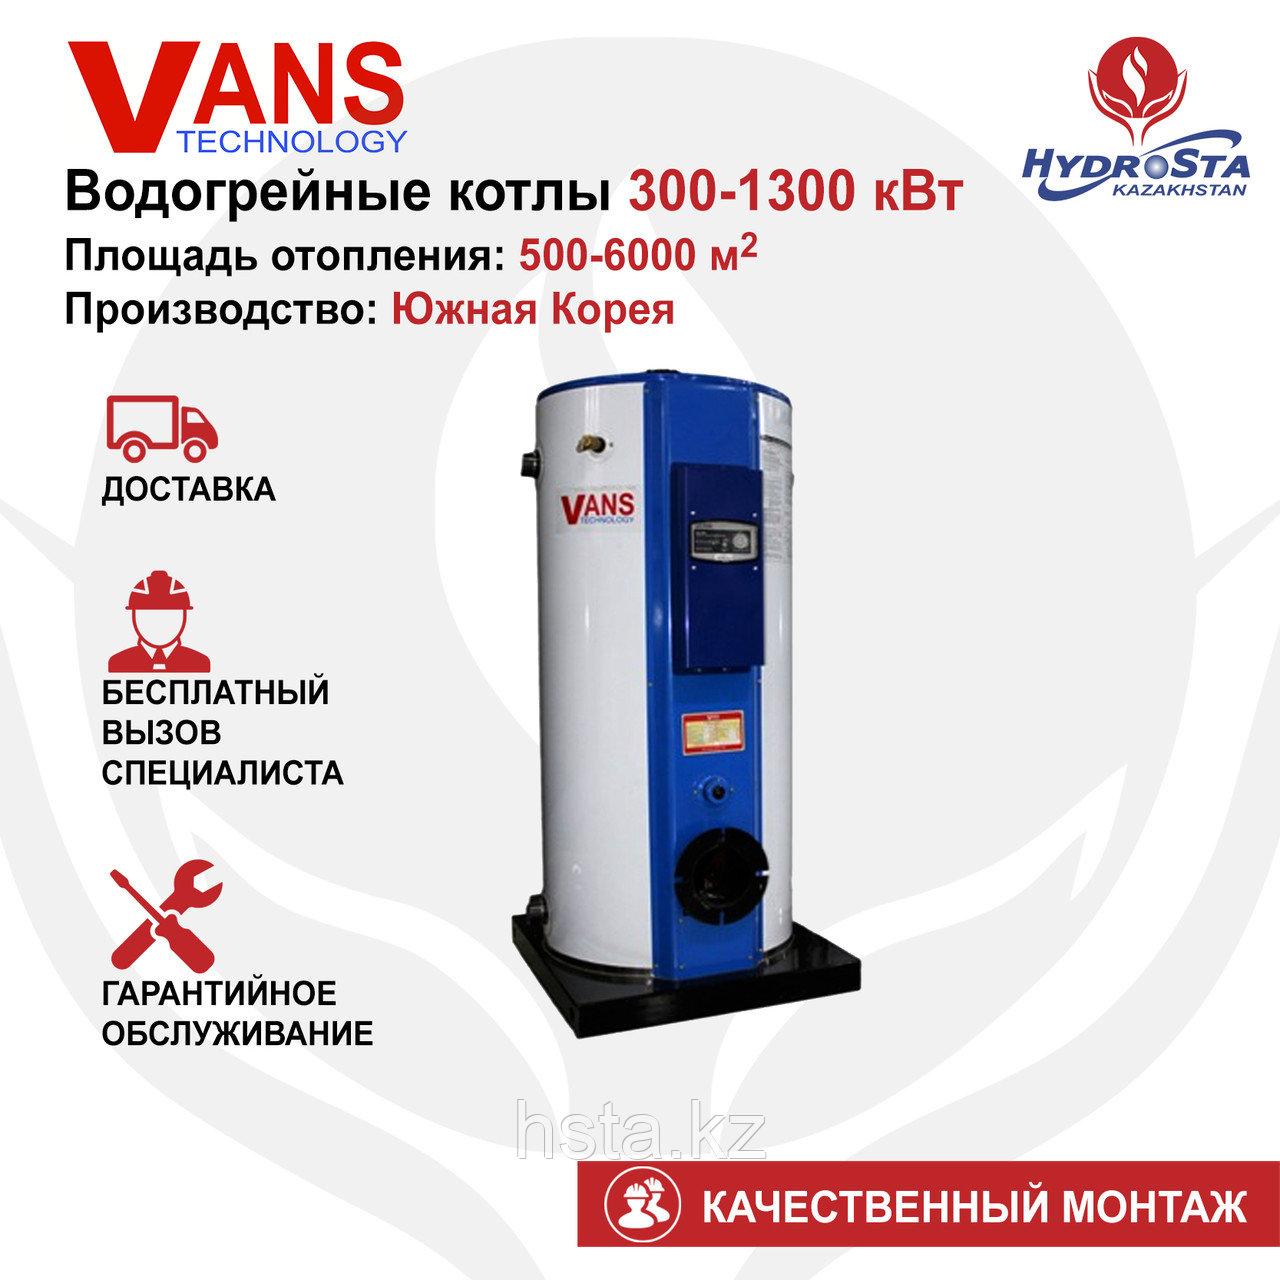 Газовый напольный одноконтурный котел VANS 502